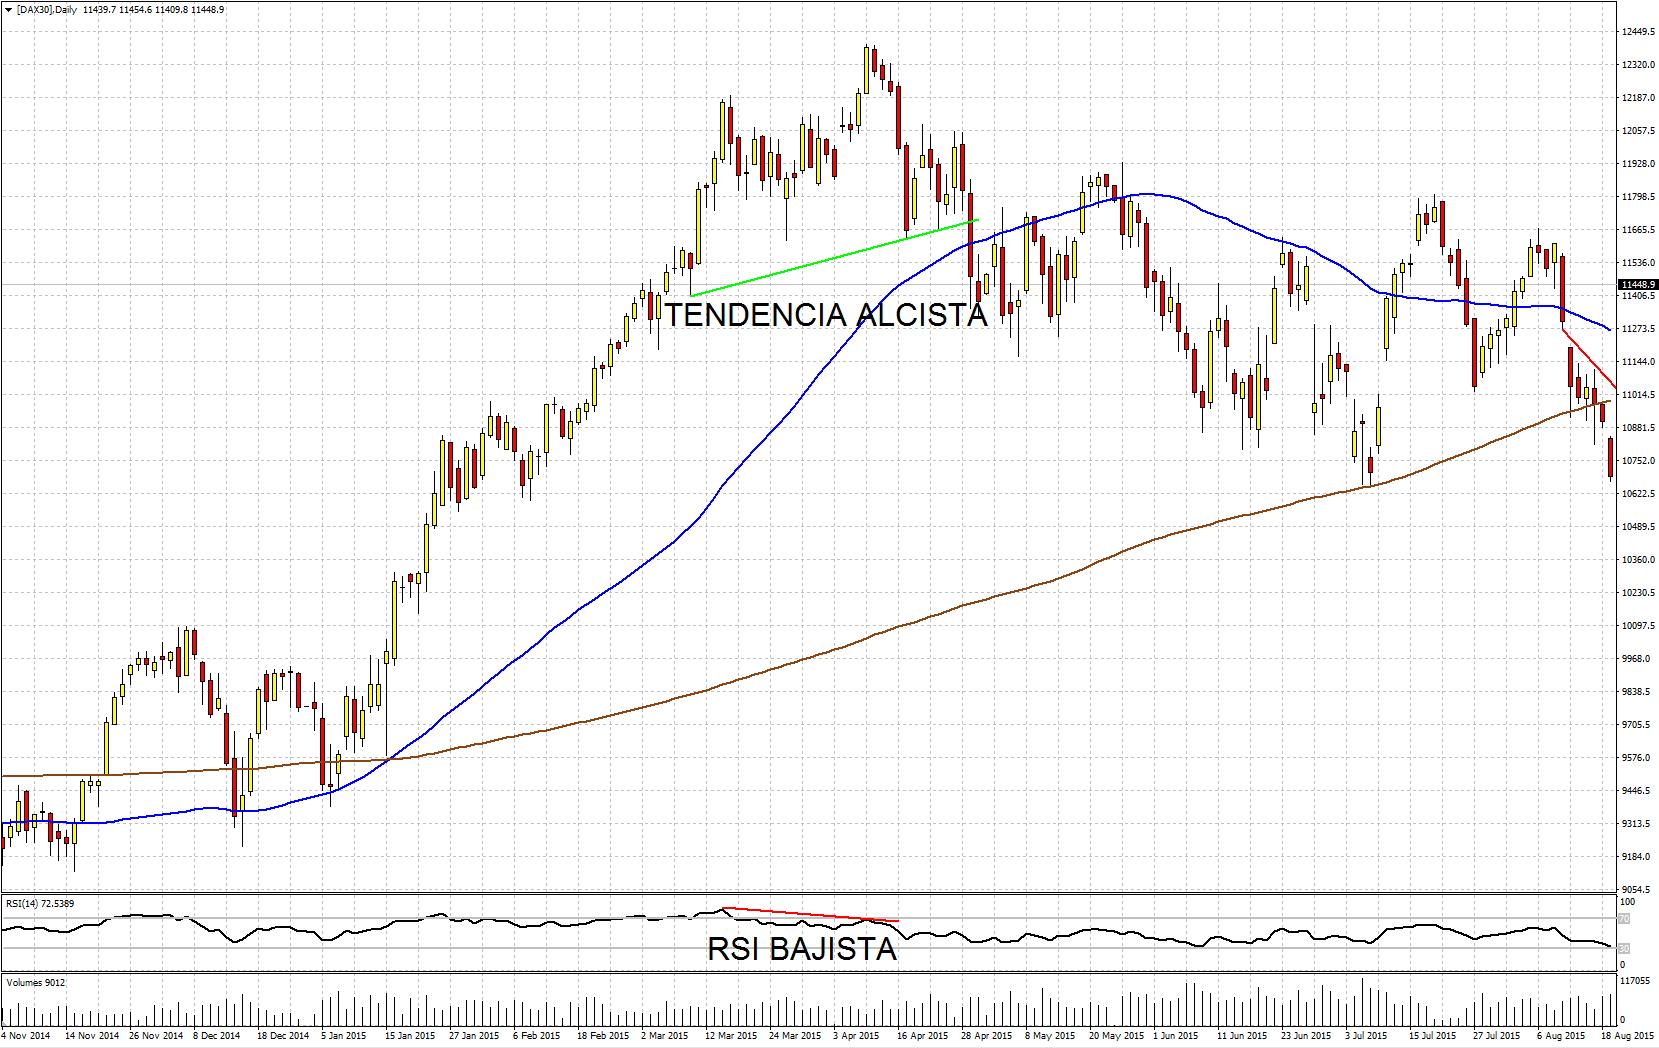 Divergencia bajista en el gráfico diario del Dax 30 de la plataforma de trading Metatrader 4 de Admiral Markets [DAX30]: